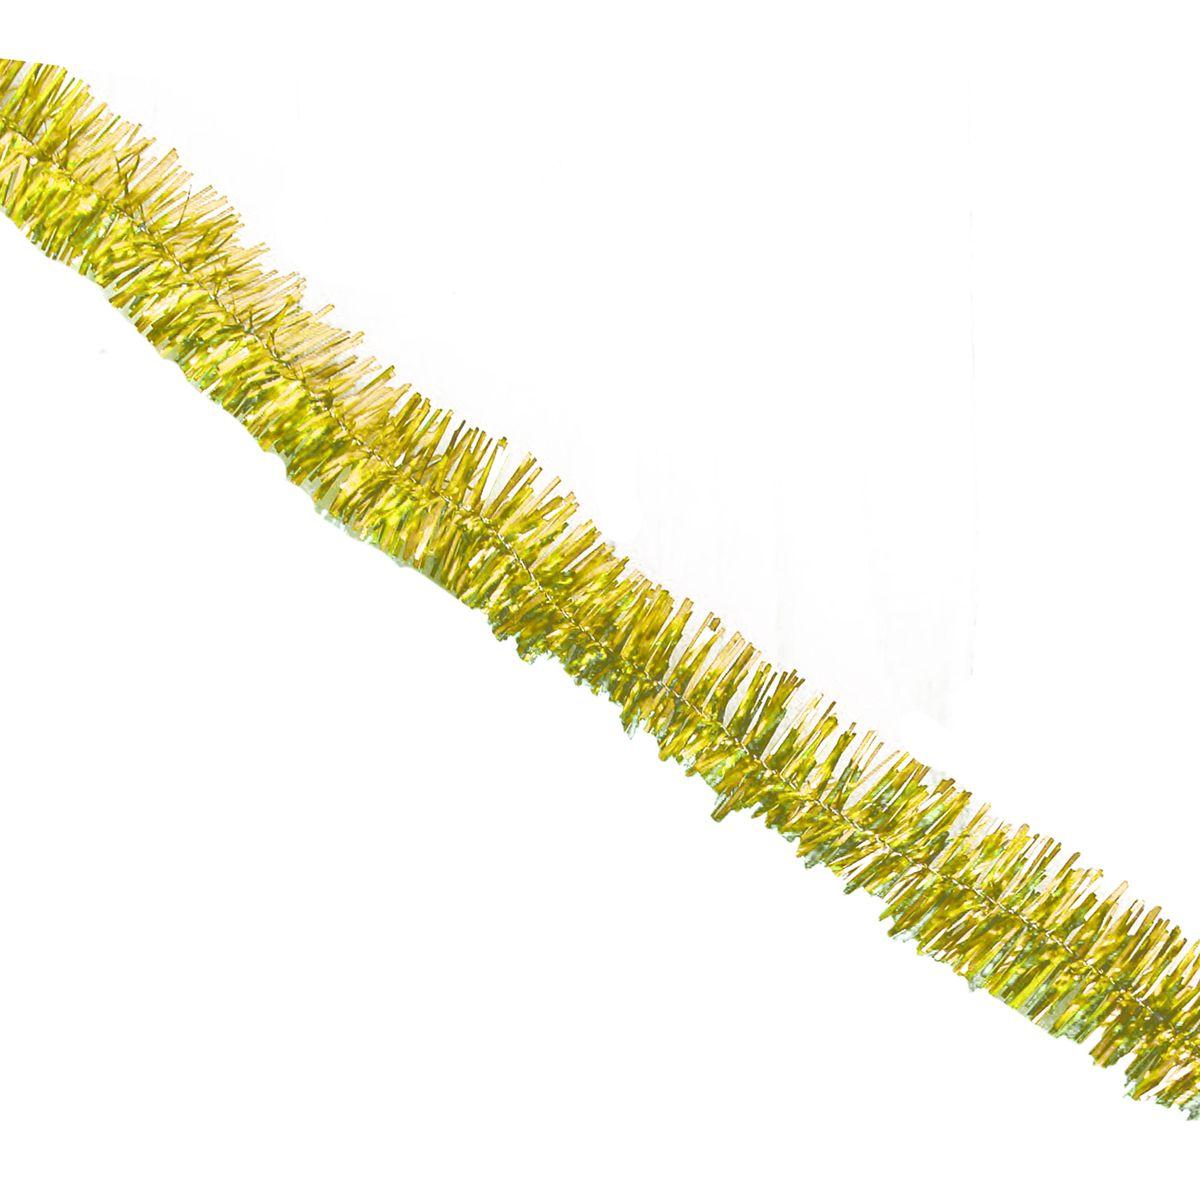 Мишура новогодняя Sima-land, цвет: золотистый, диаметр 3 см, длина 132 см. 701304701304_золотистыйМишура новогодняя Sima-land, выполненная из фольги, поможет вам украсить свой дом к предстоящим праздникам. Мишура армирована, то есть имеет проволоку внутри и способна сохранять приданную ей форму. Новогодняя елка с таким украшением станет еще наряднее. Новогодней мишурой можно украсить все, что угодно - елку, квартиру, дачу, офис - как внутри, так и снаружи. Можно сложить новогодние поздравления, буквы и цифры, мишурой можно украсить и дополнить гирлянды, можно выделить дверные колонны, оплести дверные проемы.